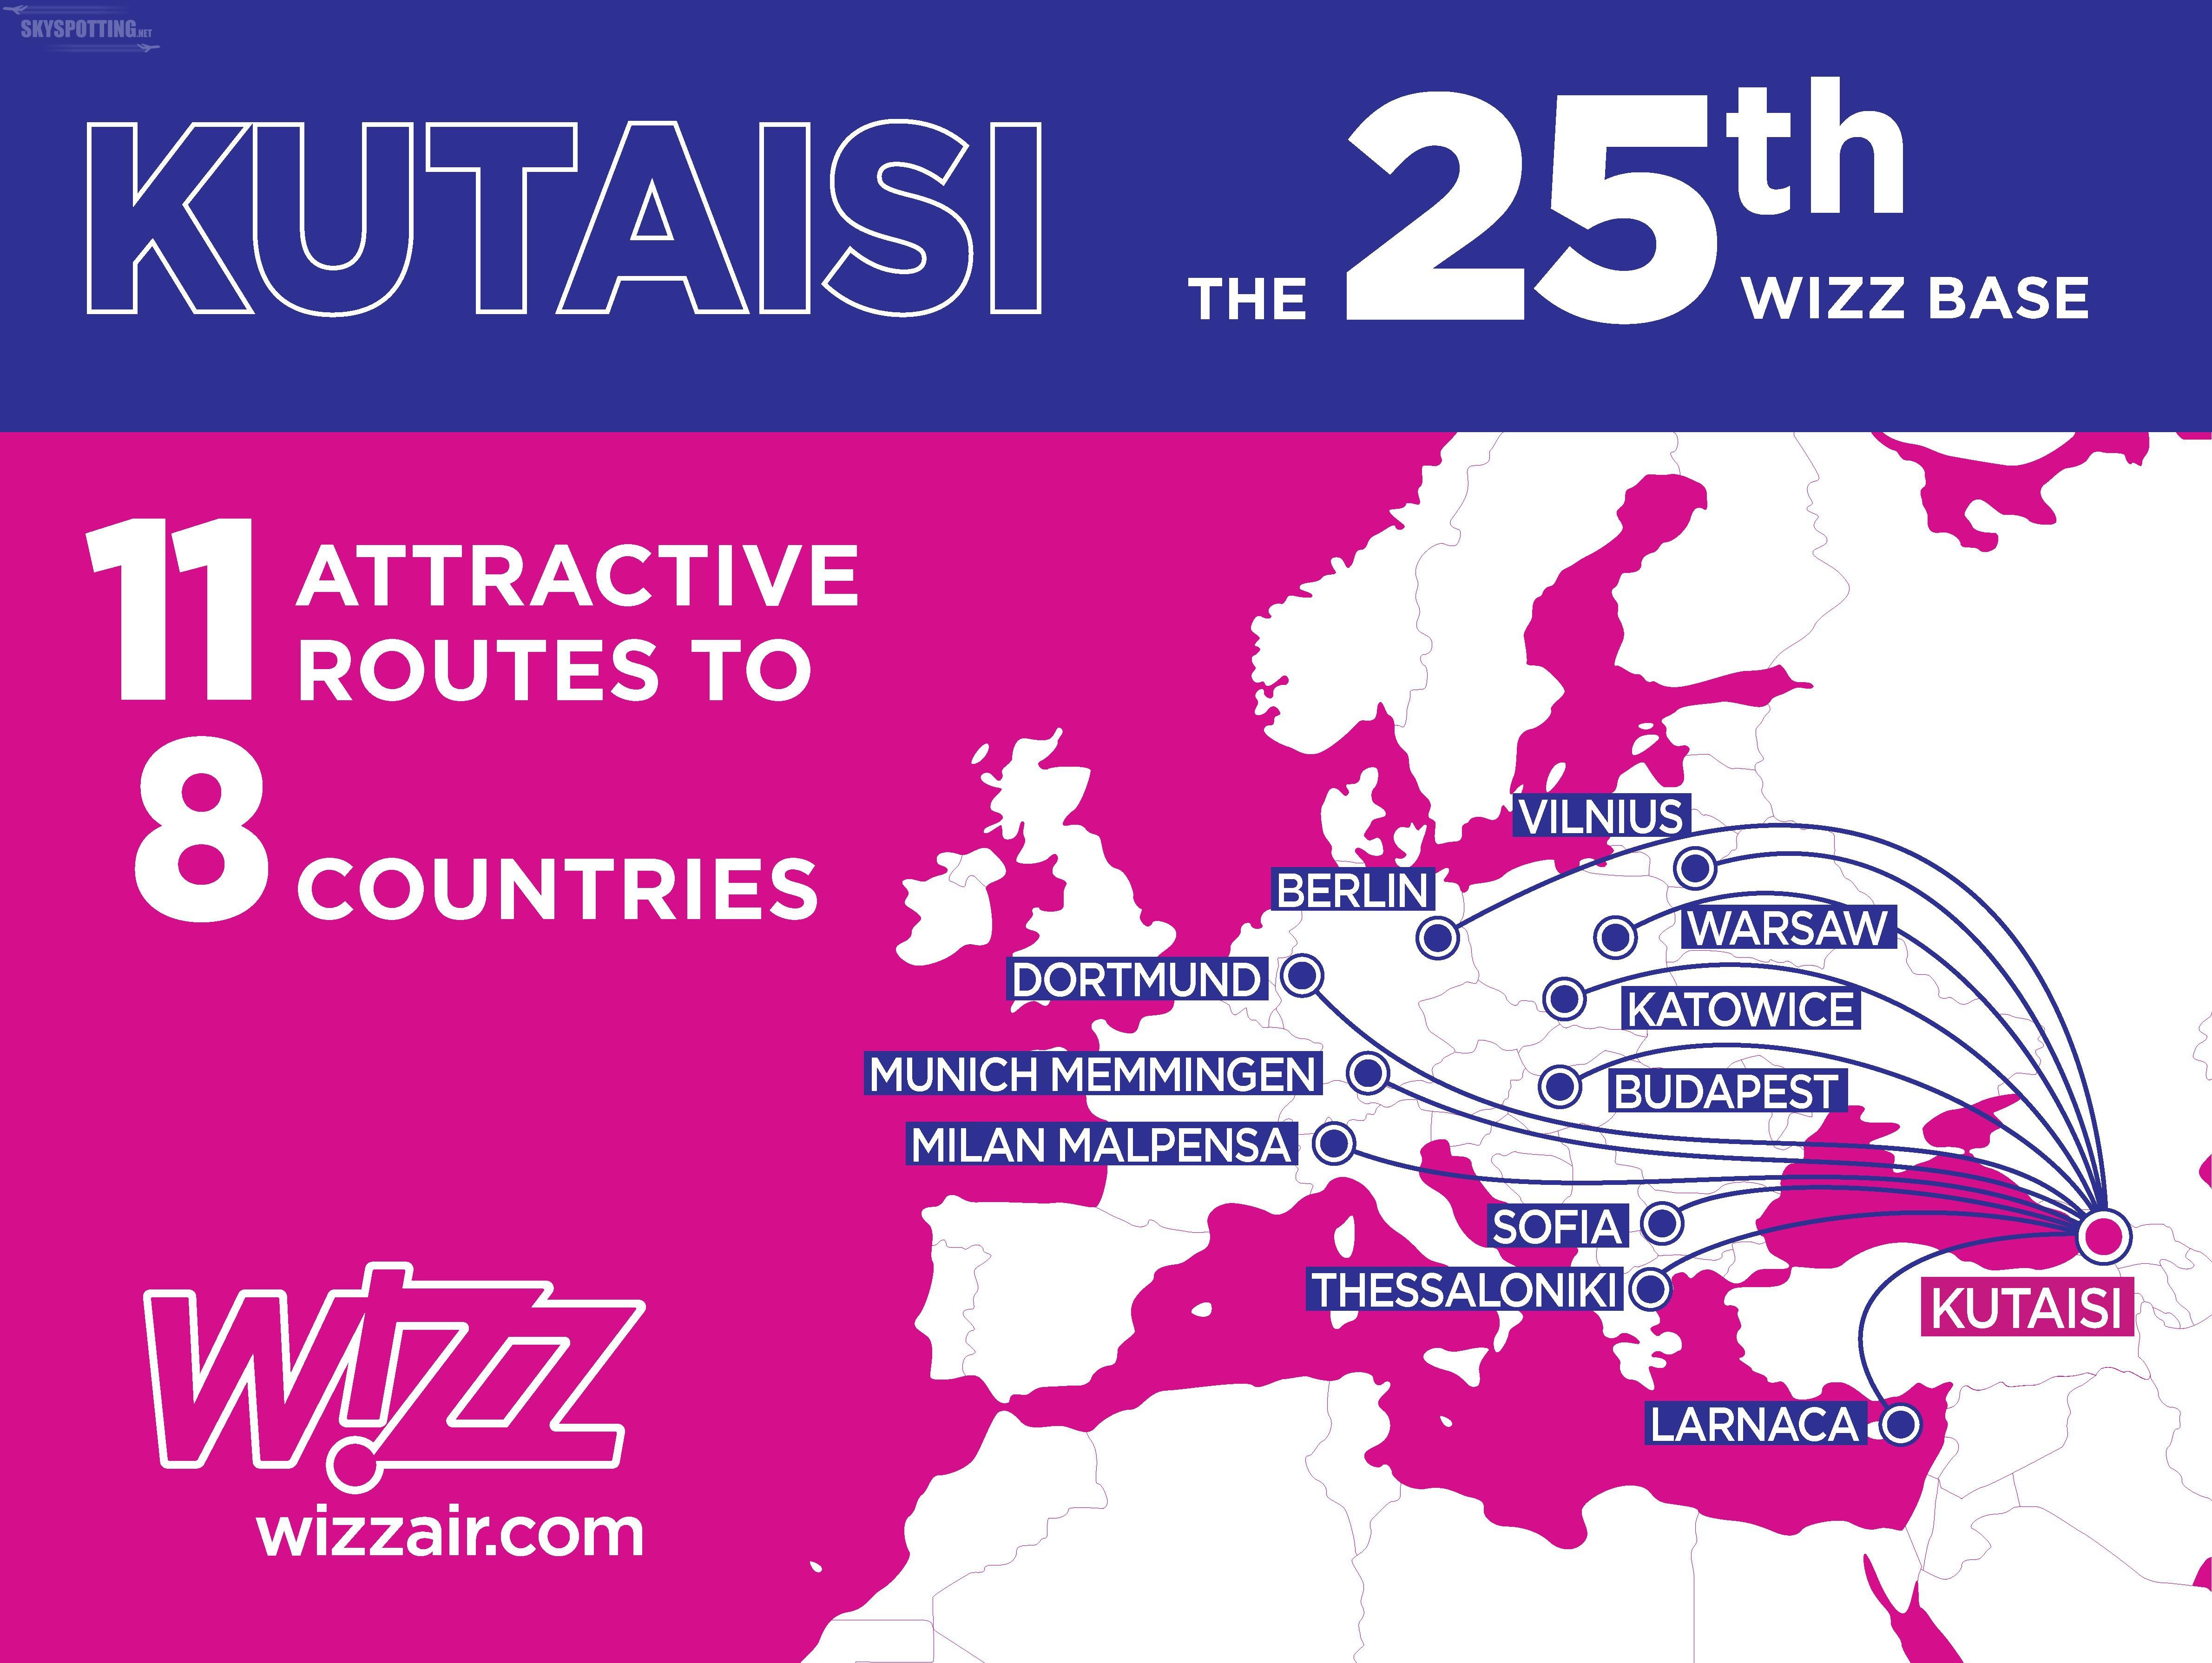 Wizz Air otwiera 25. bazę w Kutaisi w Gruzji. Siedem nowych gruzińskich tras w siatce połączeń Wizz